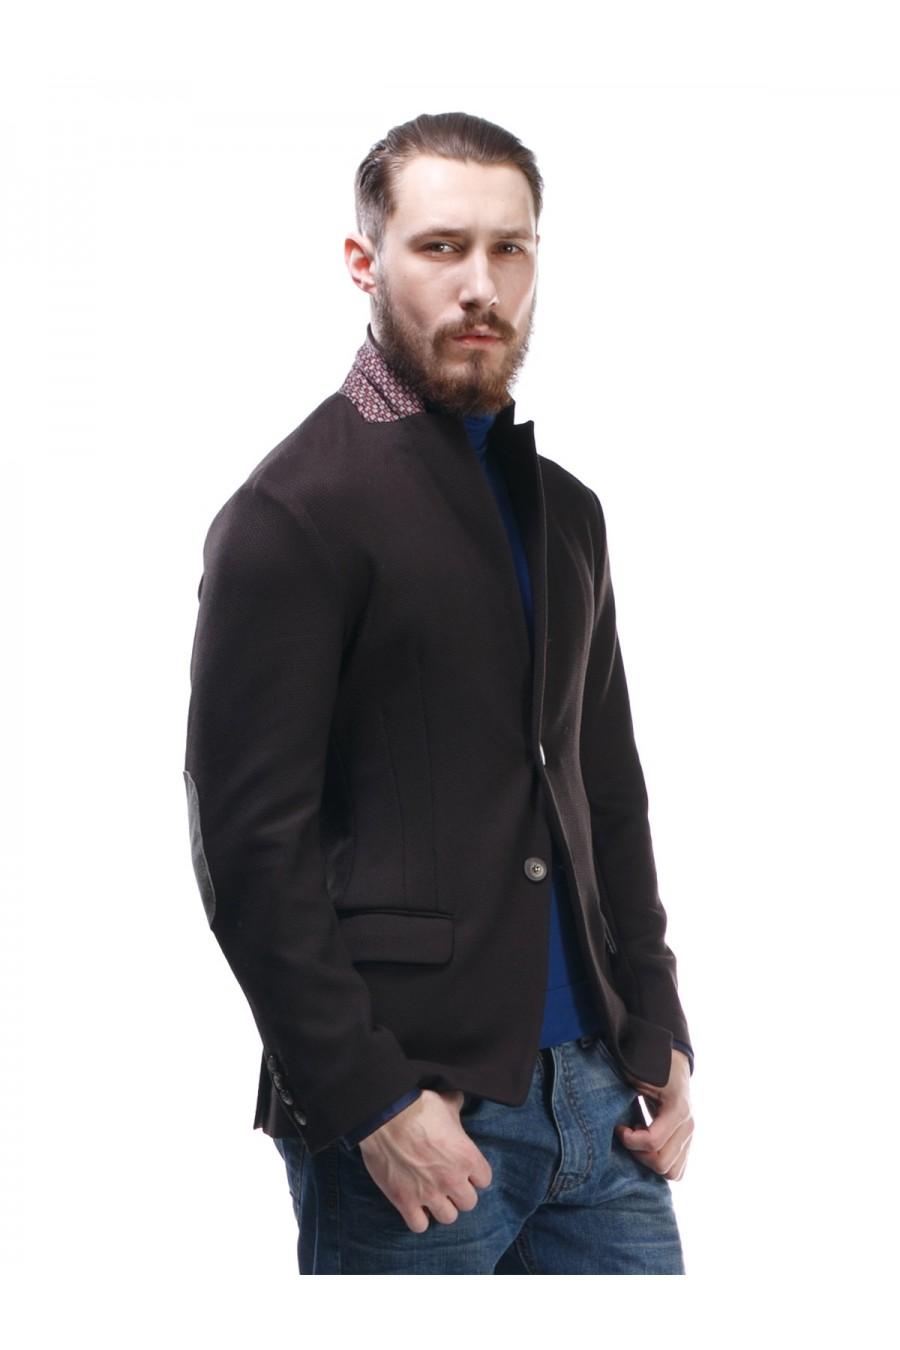 Коричневый пиджак мужской Р-206-1